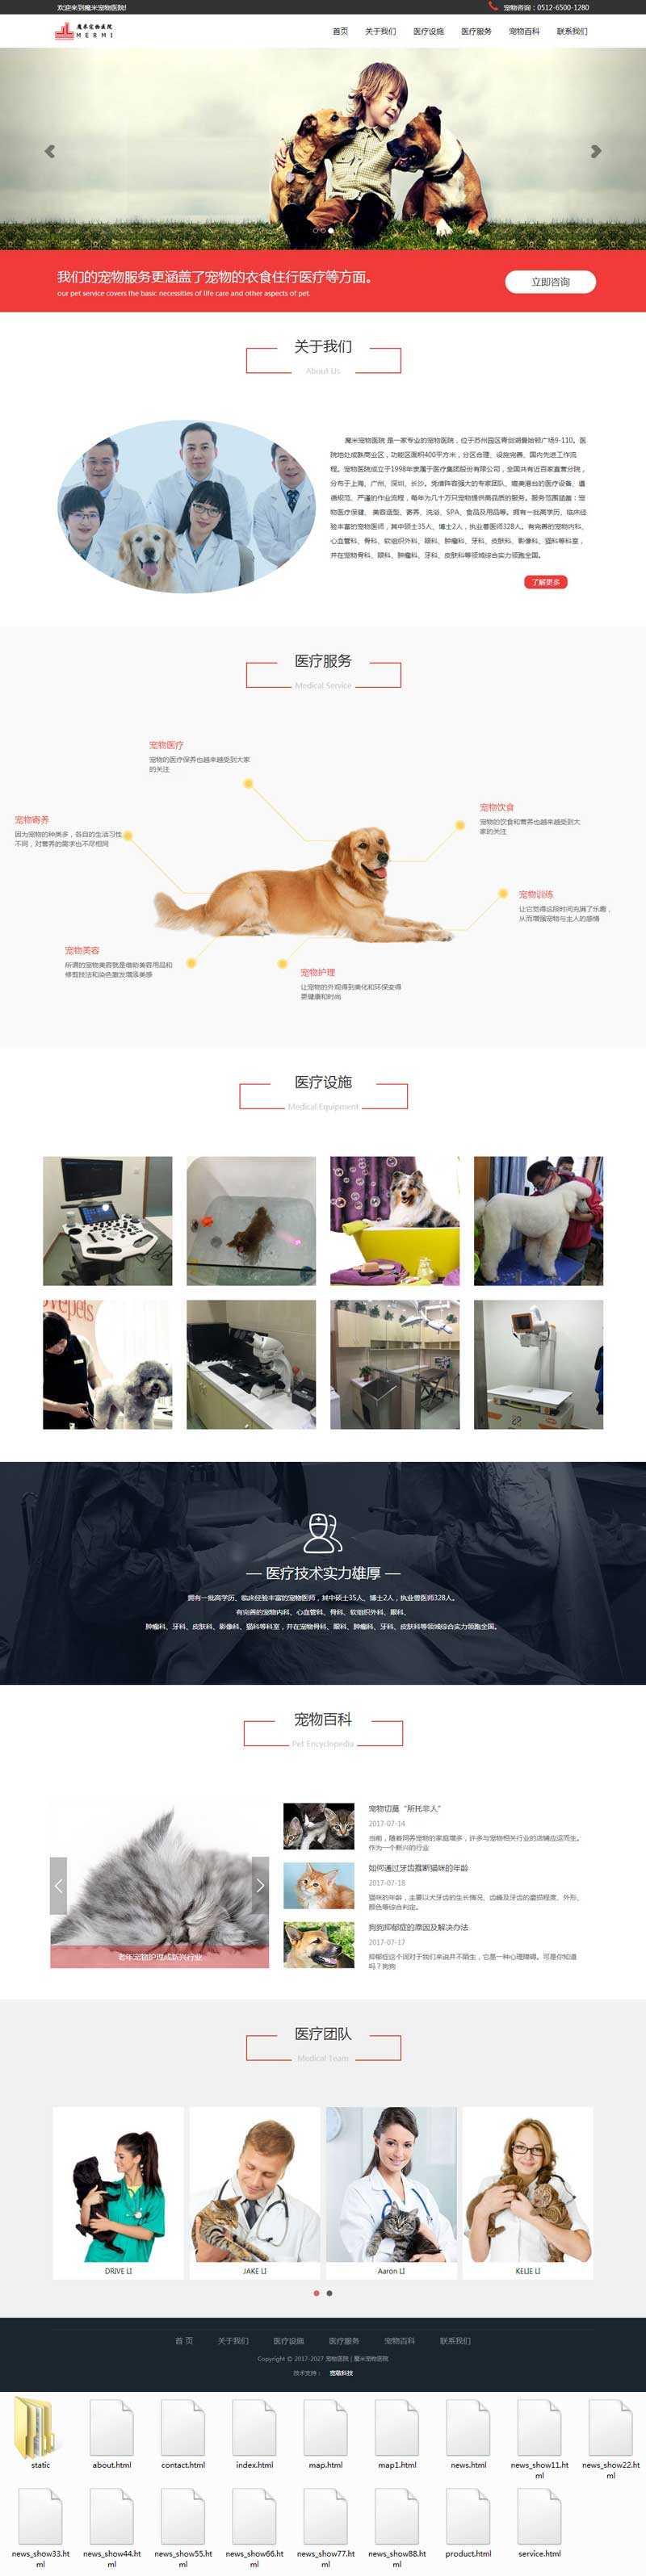 红色大气的宠物兽医医院网站模板